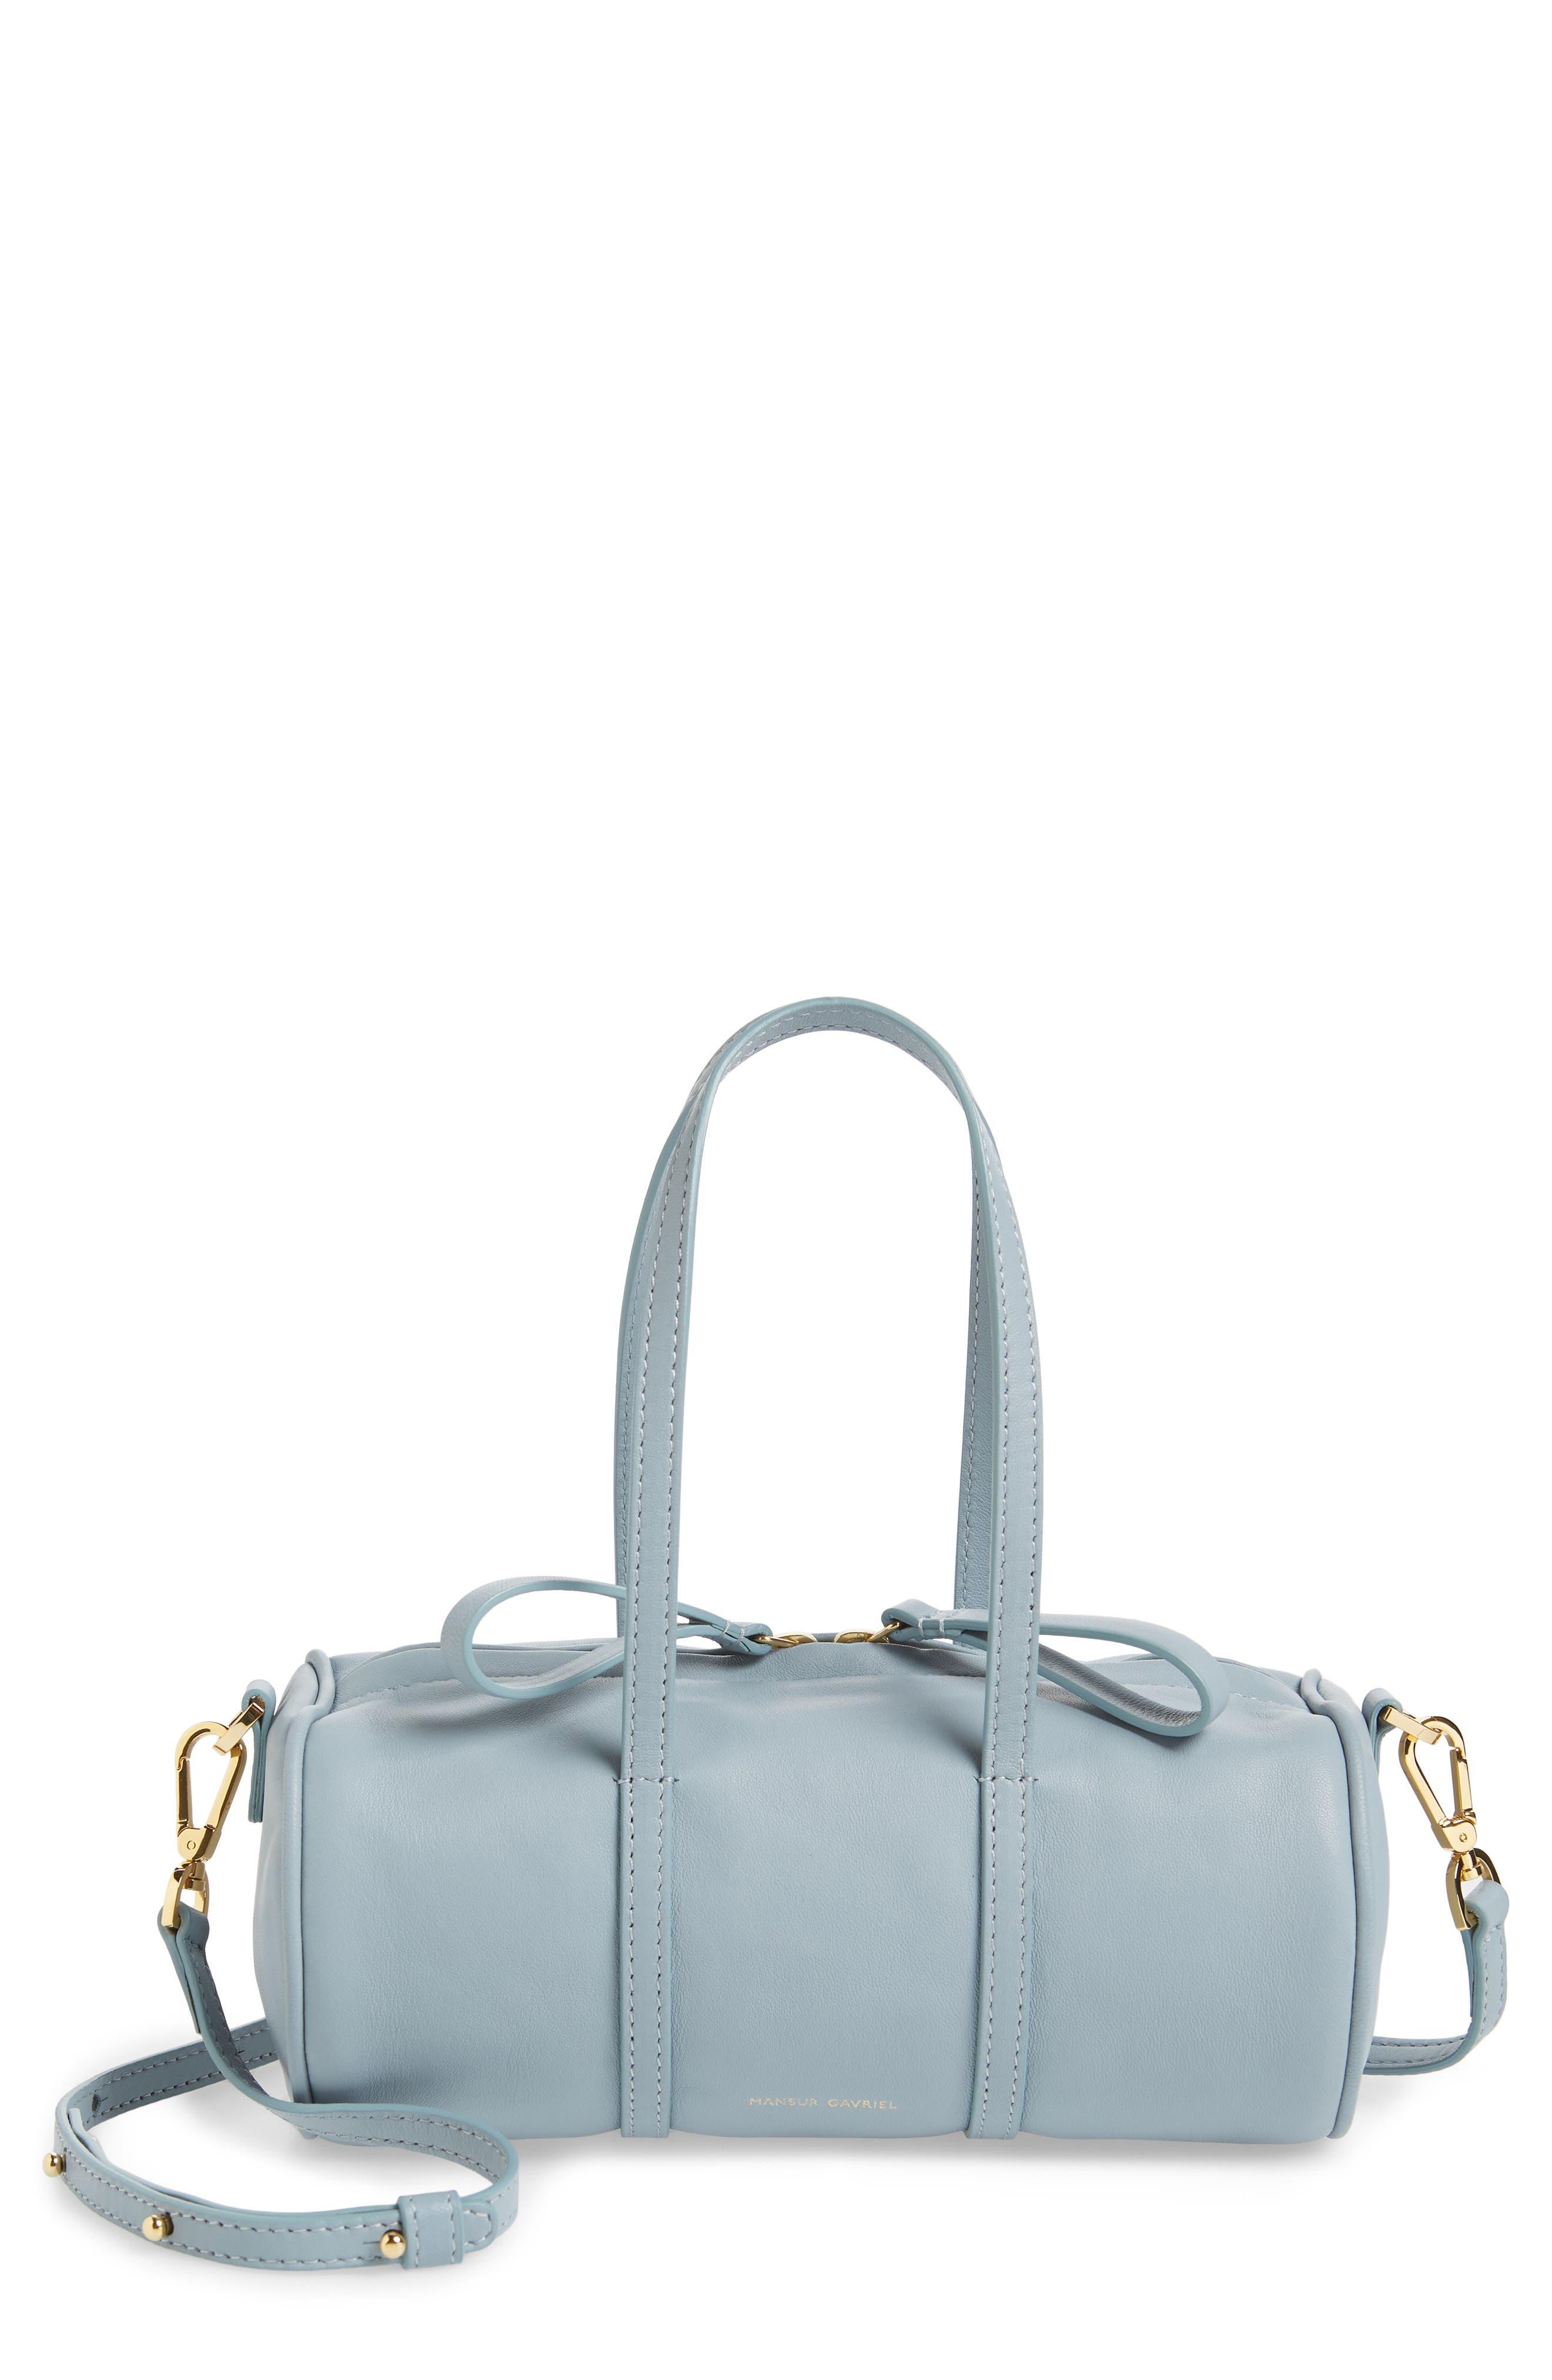 Mini Mini Leather Duffel Bag,                         Main,                         color, GREY BLUE